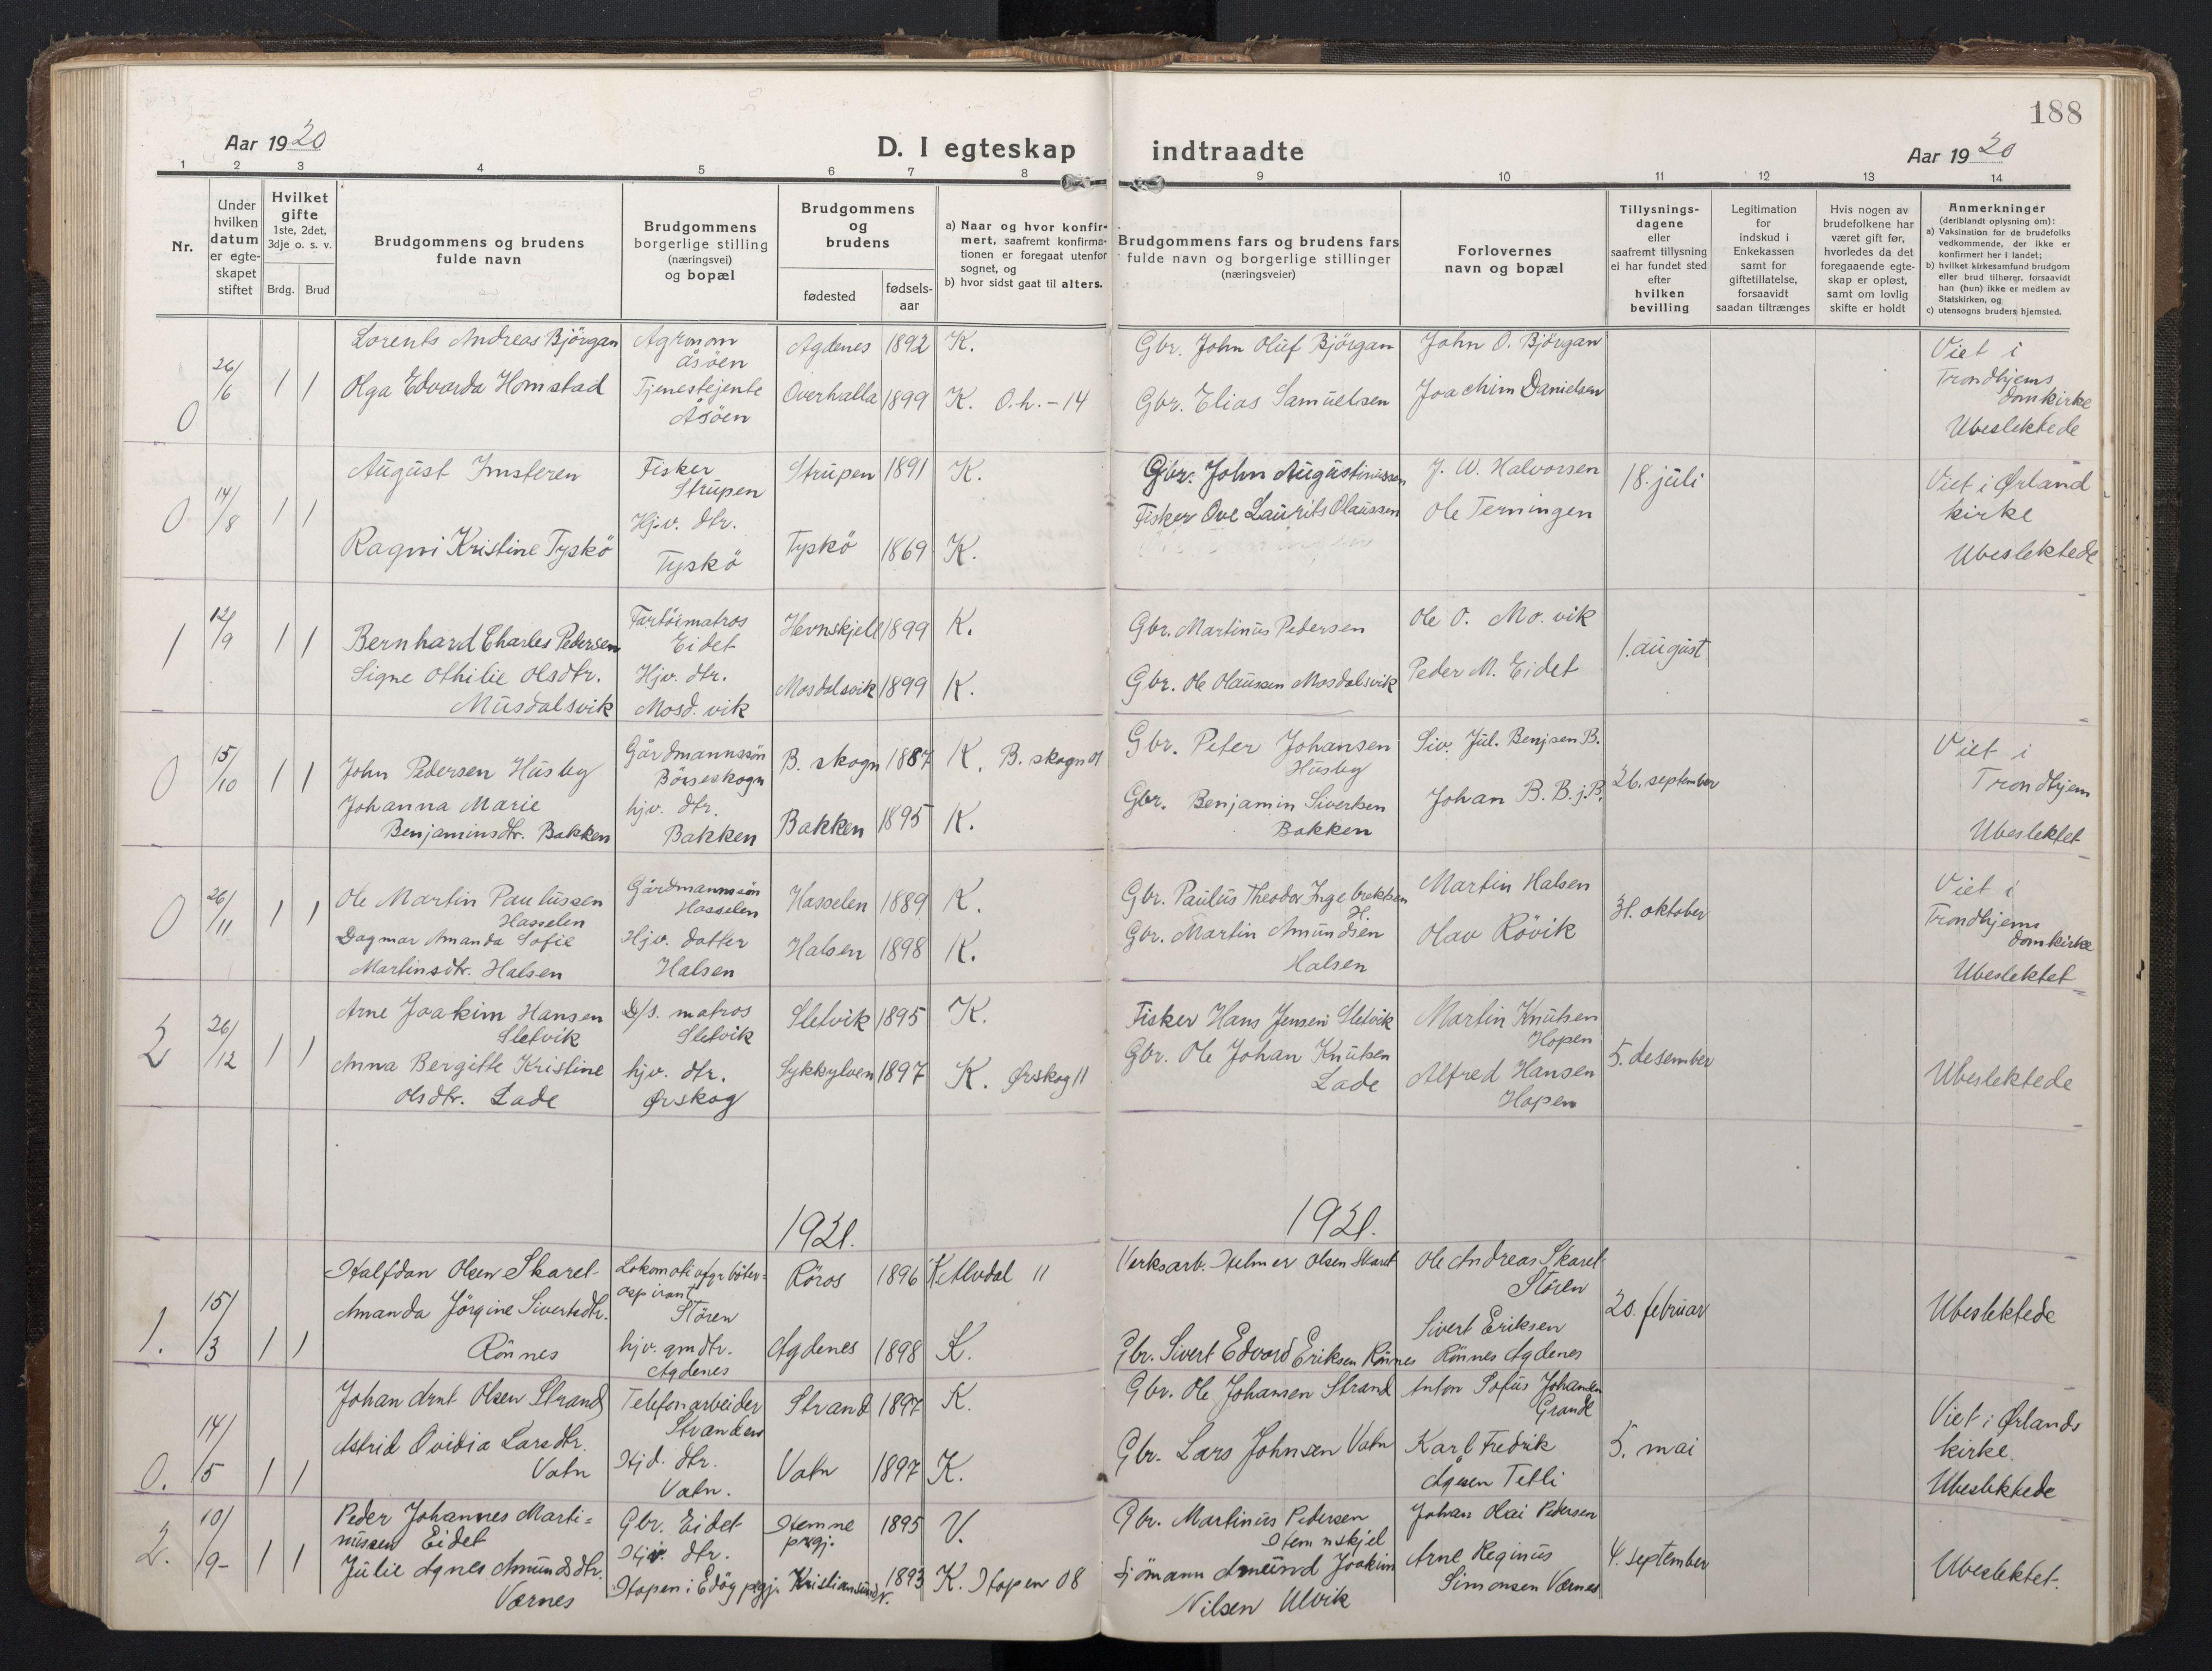 SAT, Ministerialprotokoller, klokkerbøker og fødselsregistre - Sør-Trøndelag, 662/L0758: Klokkerbok nr. 662C03, 1918-1948, s. 188